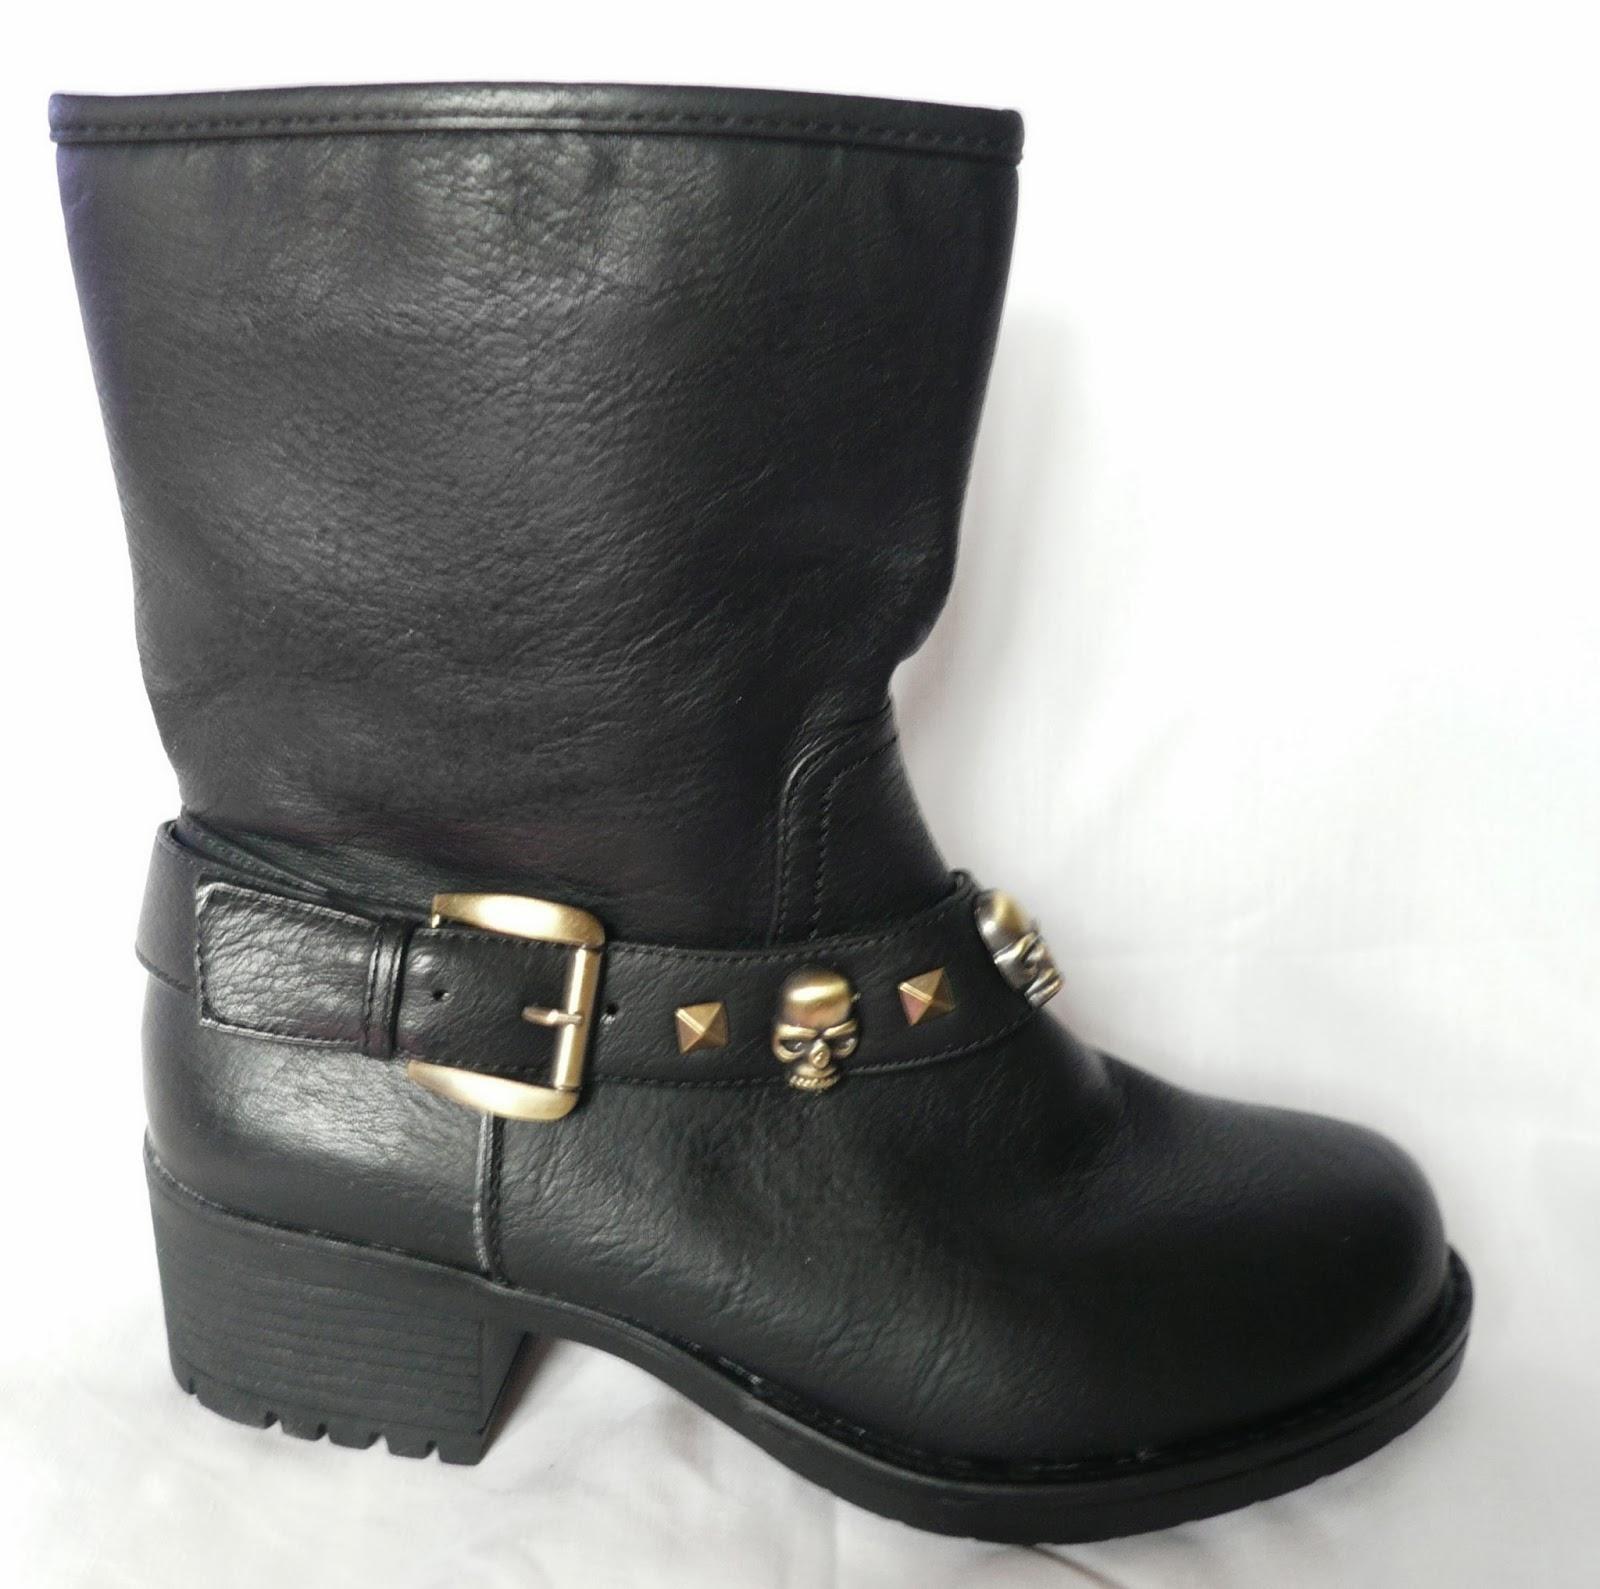 http://www.ebay.fr/itm/bottines-bikers-rangers-feminines-biker-ranger-bottes-noir-noires-femme-SUPER-/300929085931?pt=FR_Chaussures_pour_femmes&var=&hash=item4610c571eb